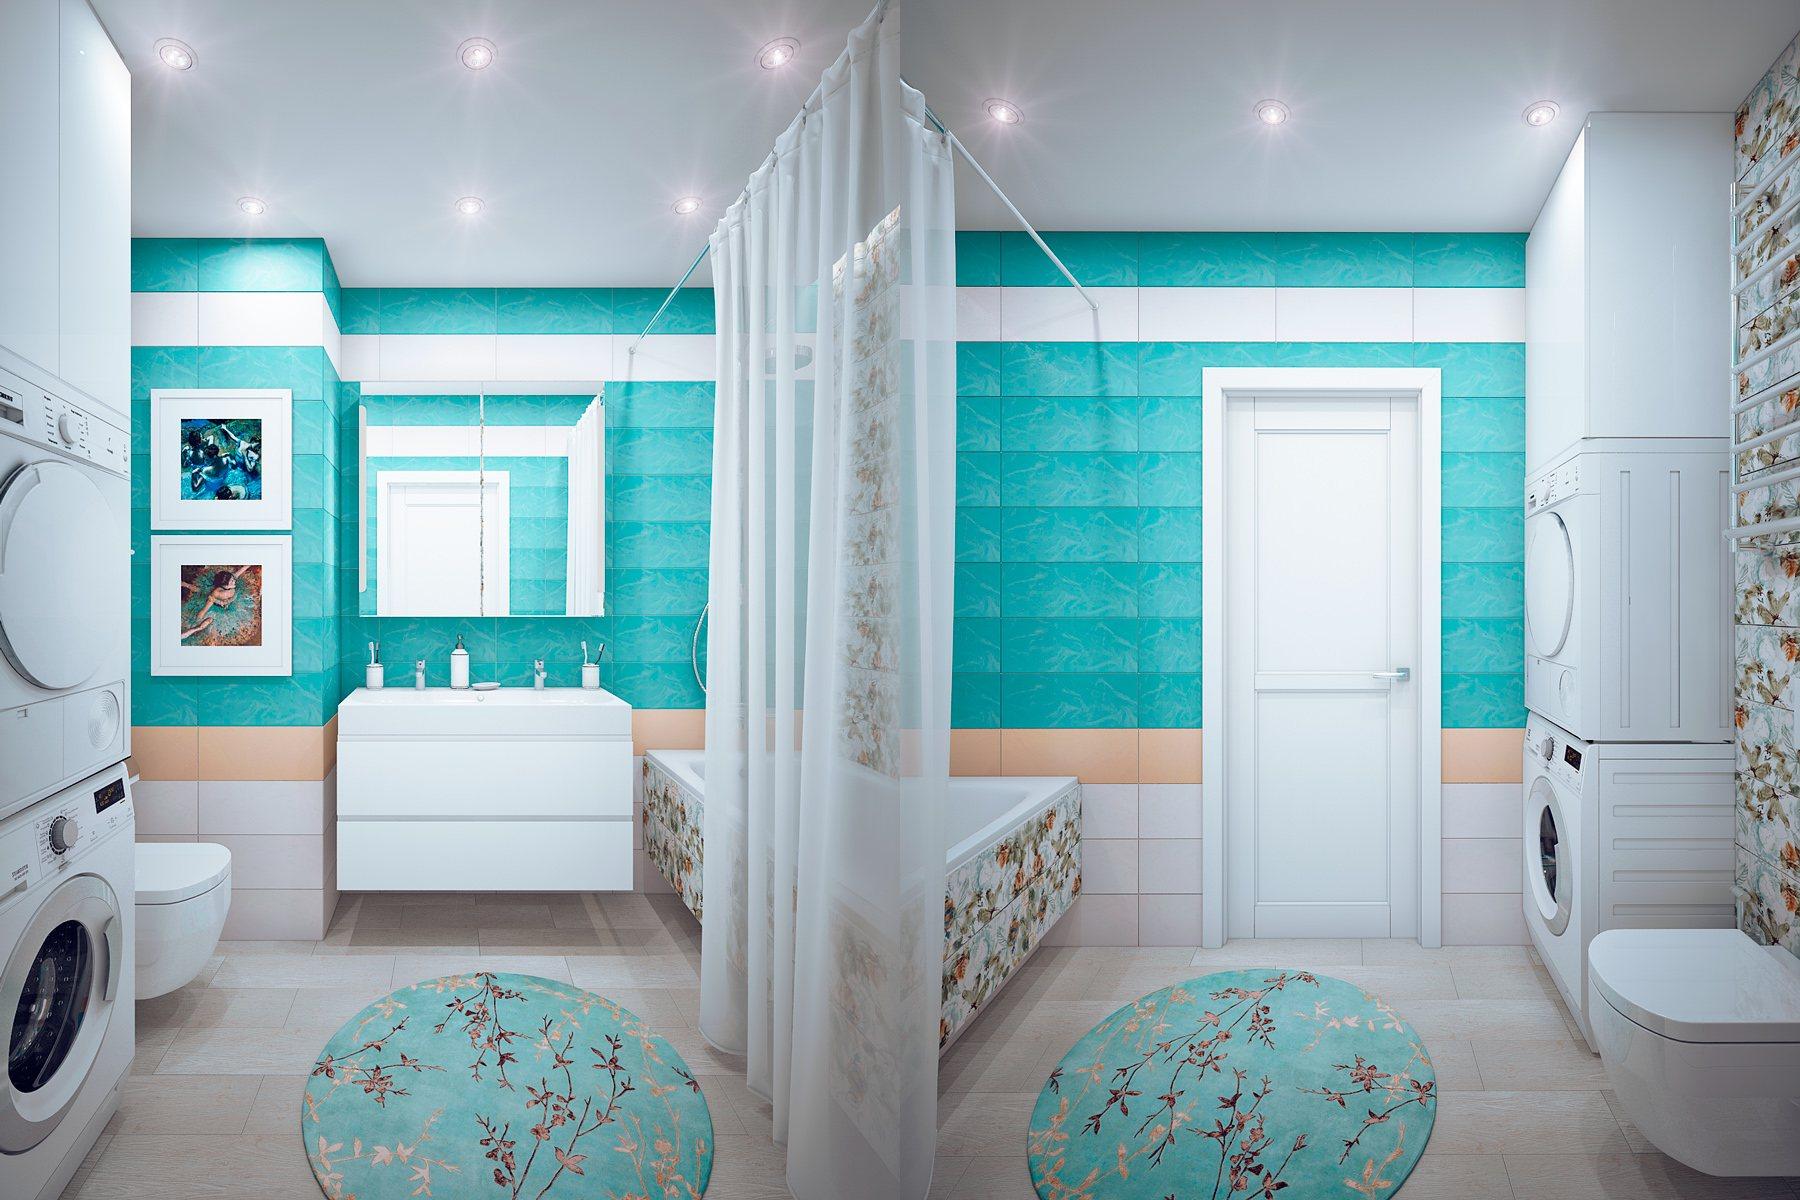 proekt-za-apartament-s-tsveten-i-dinamichen-interior-918g